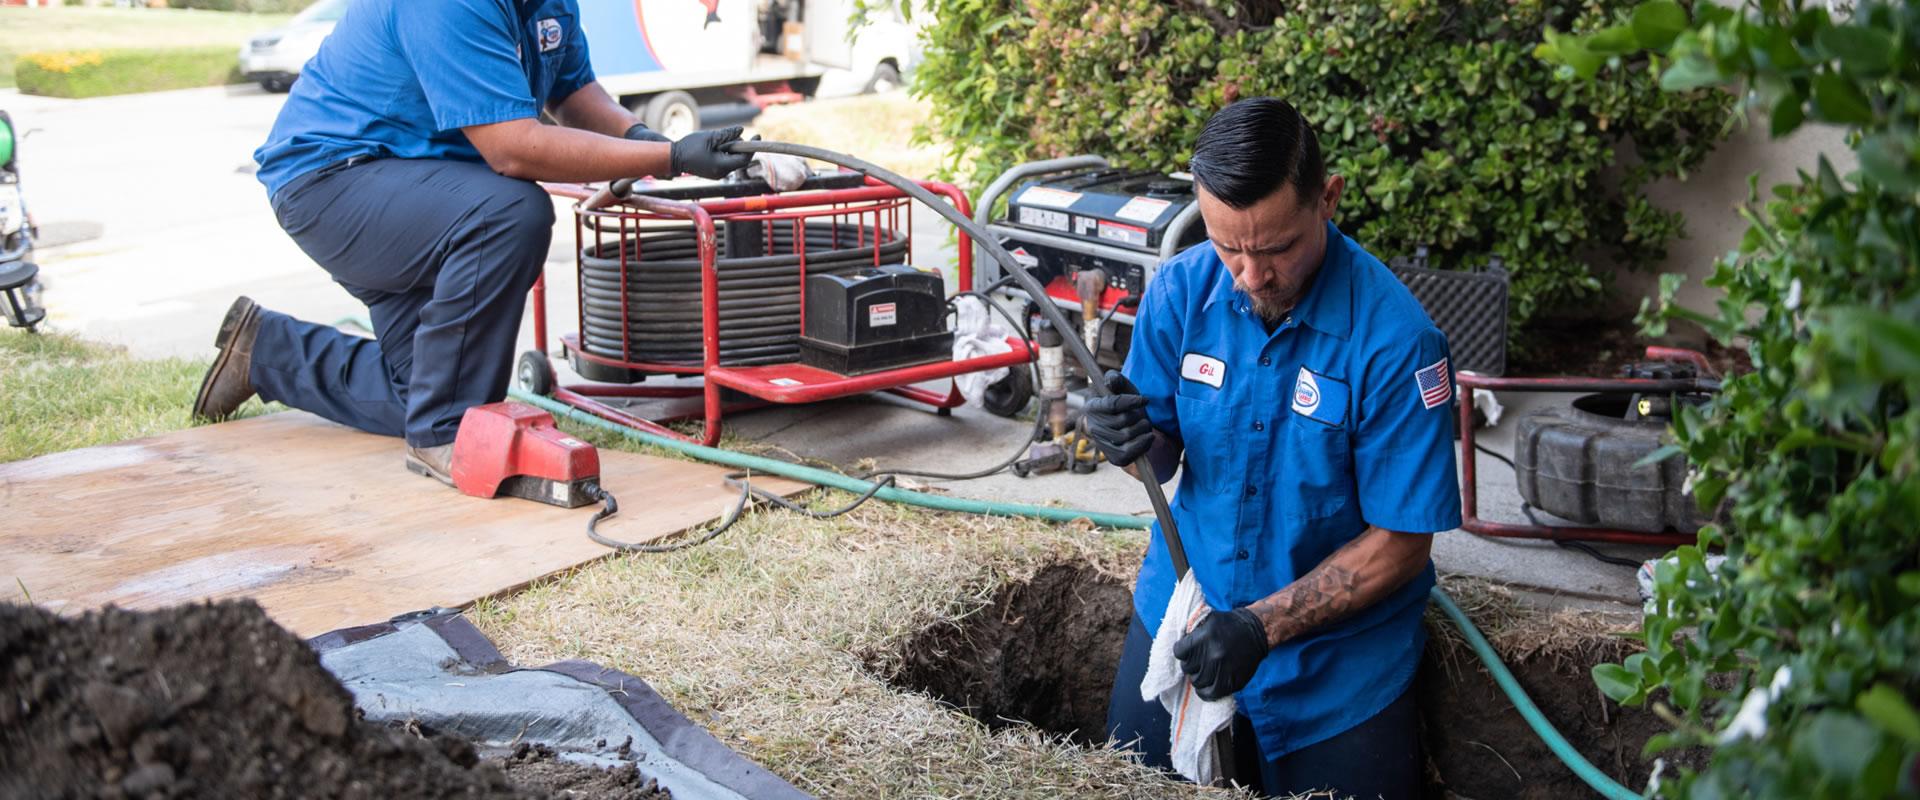 Drain Cleaning in Santa Fe Springs